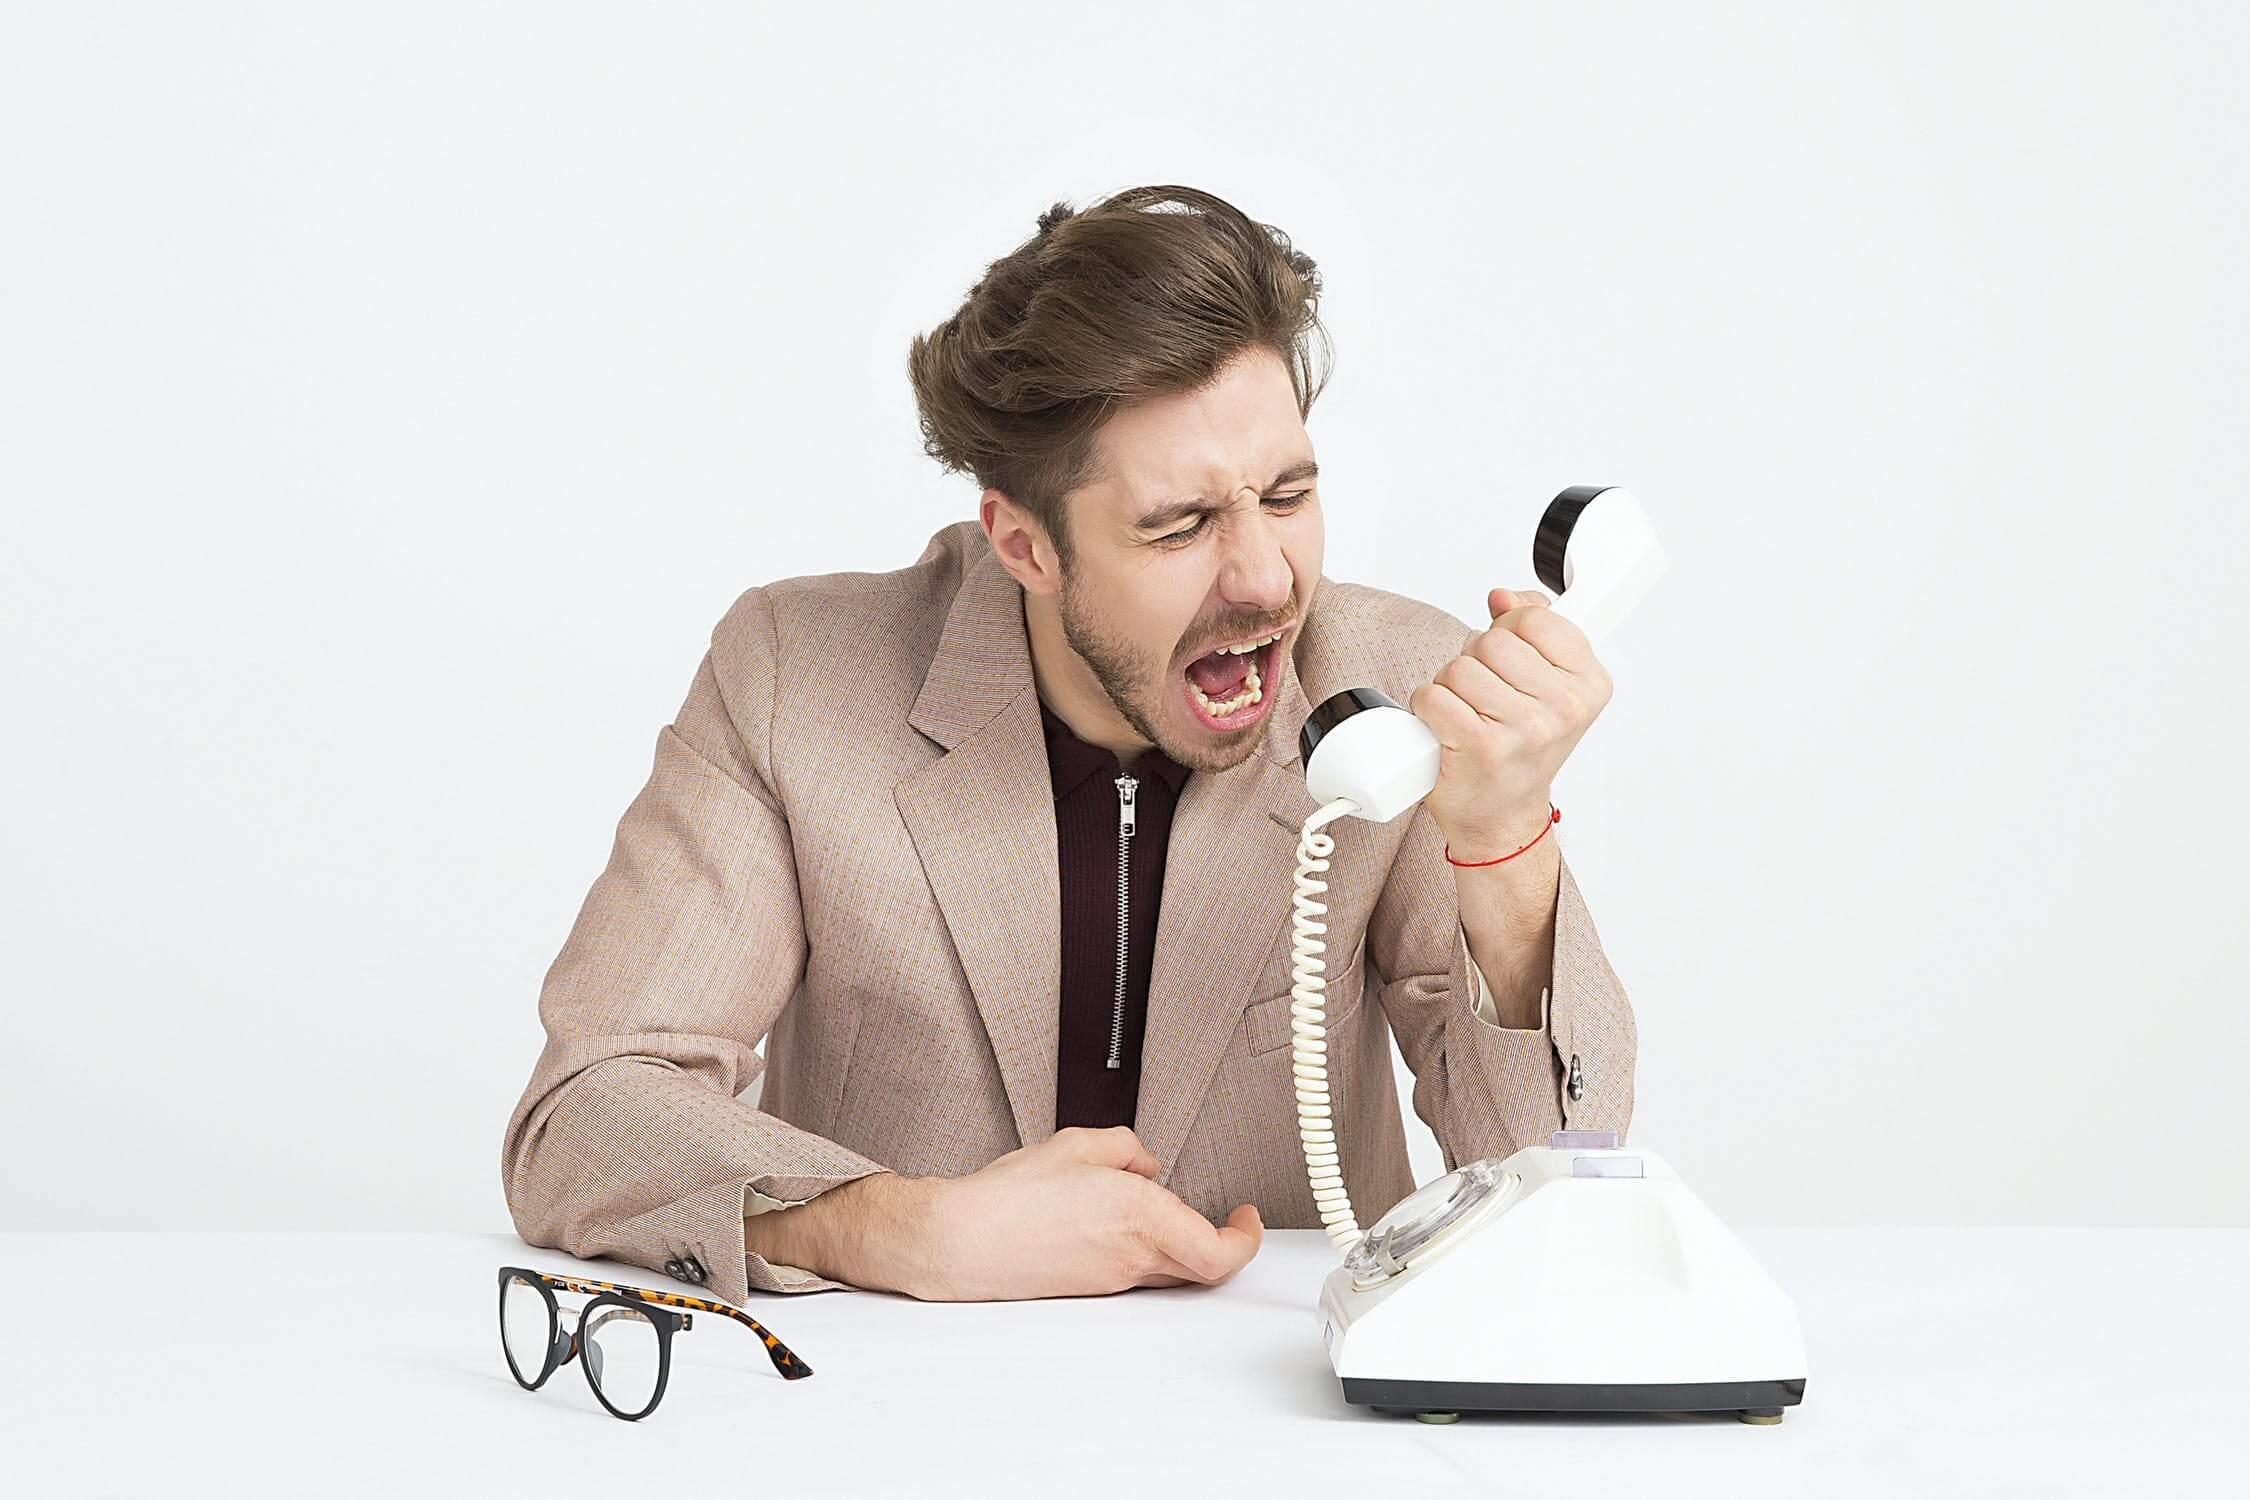 Wat zijn ongewenste contacten?